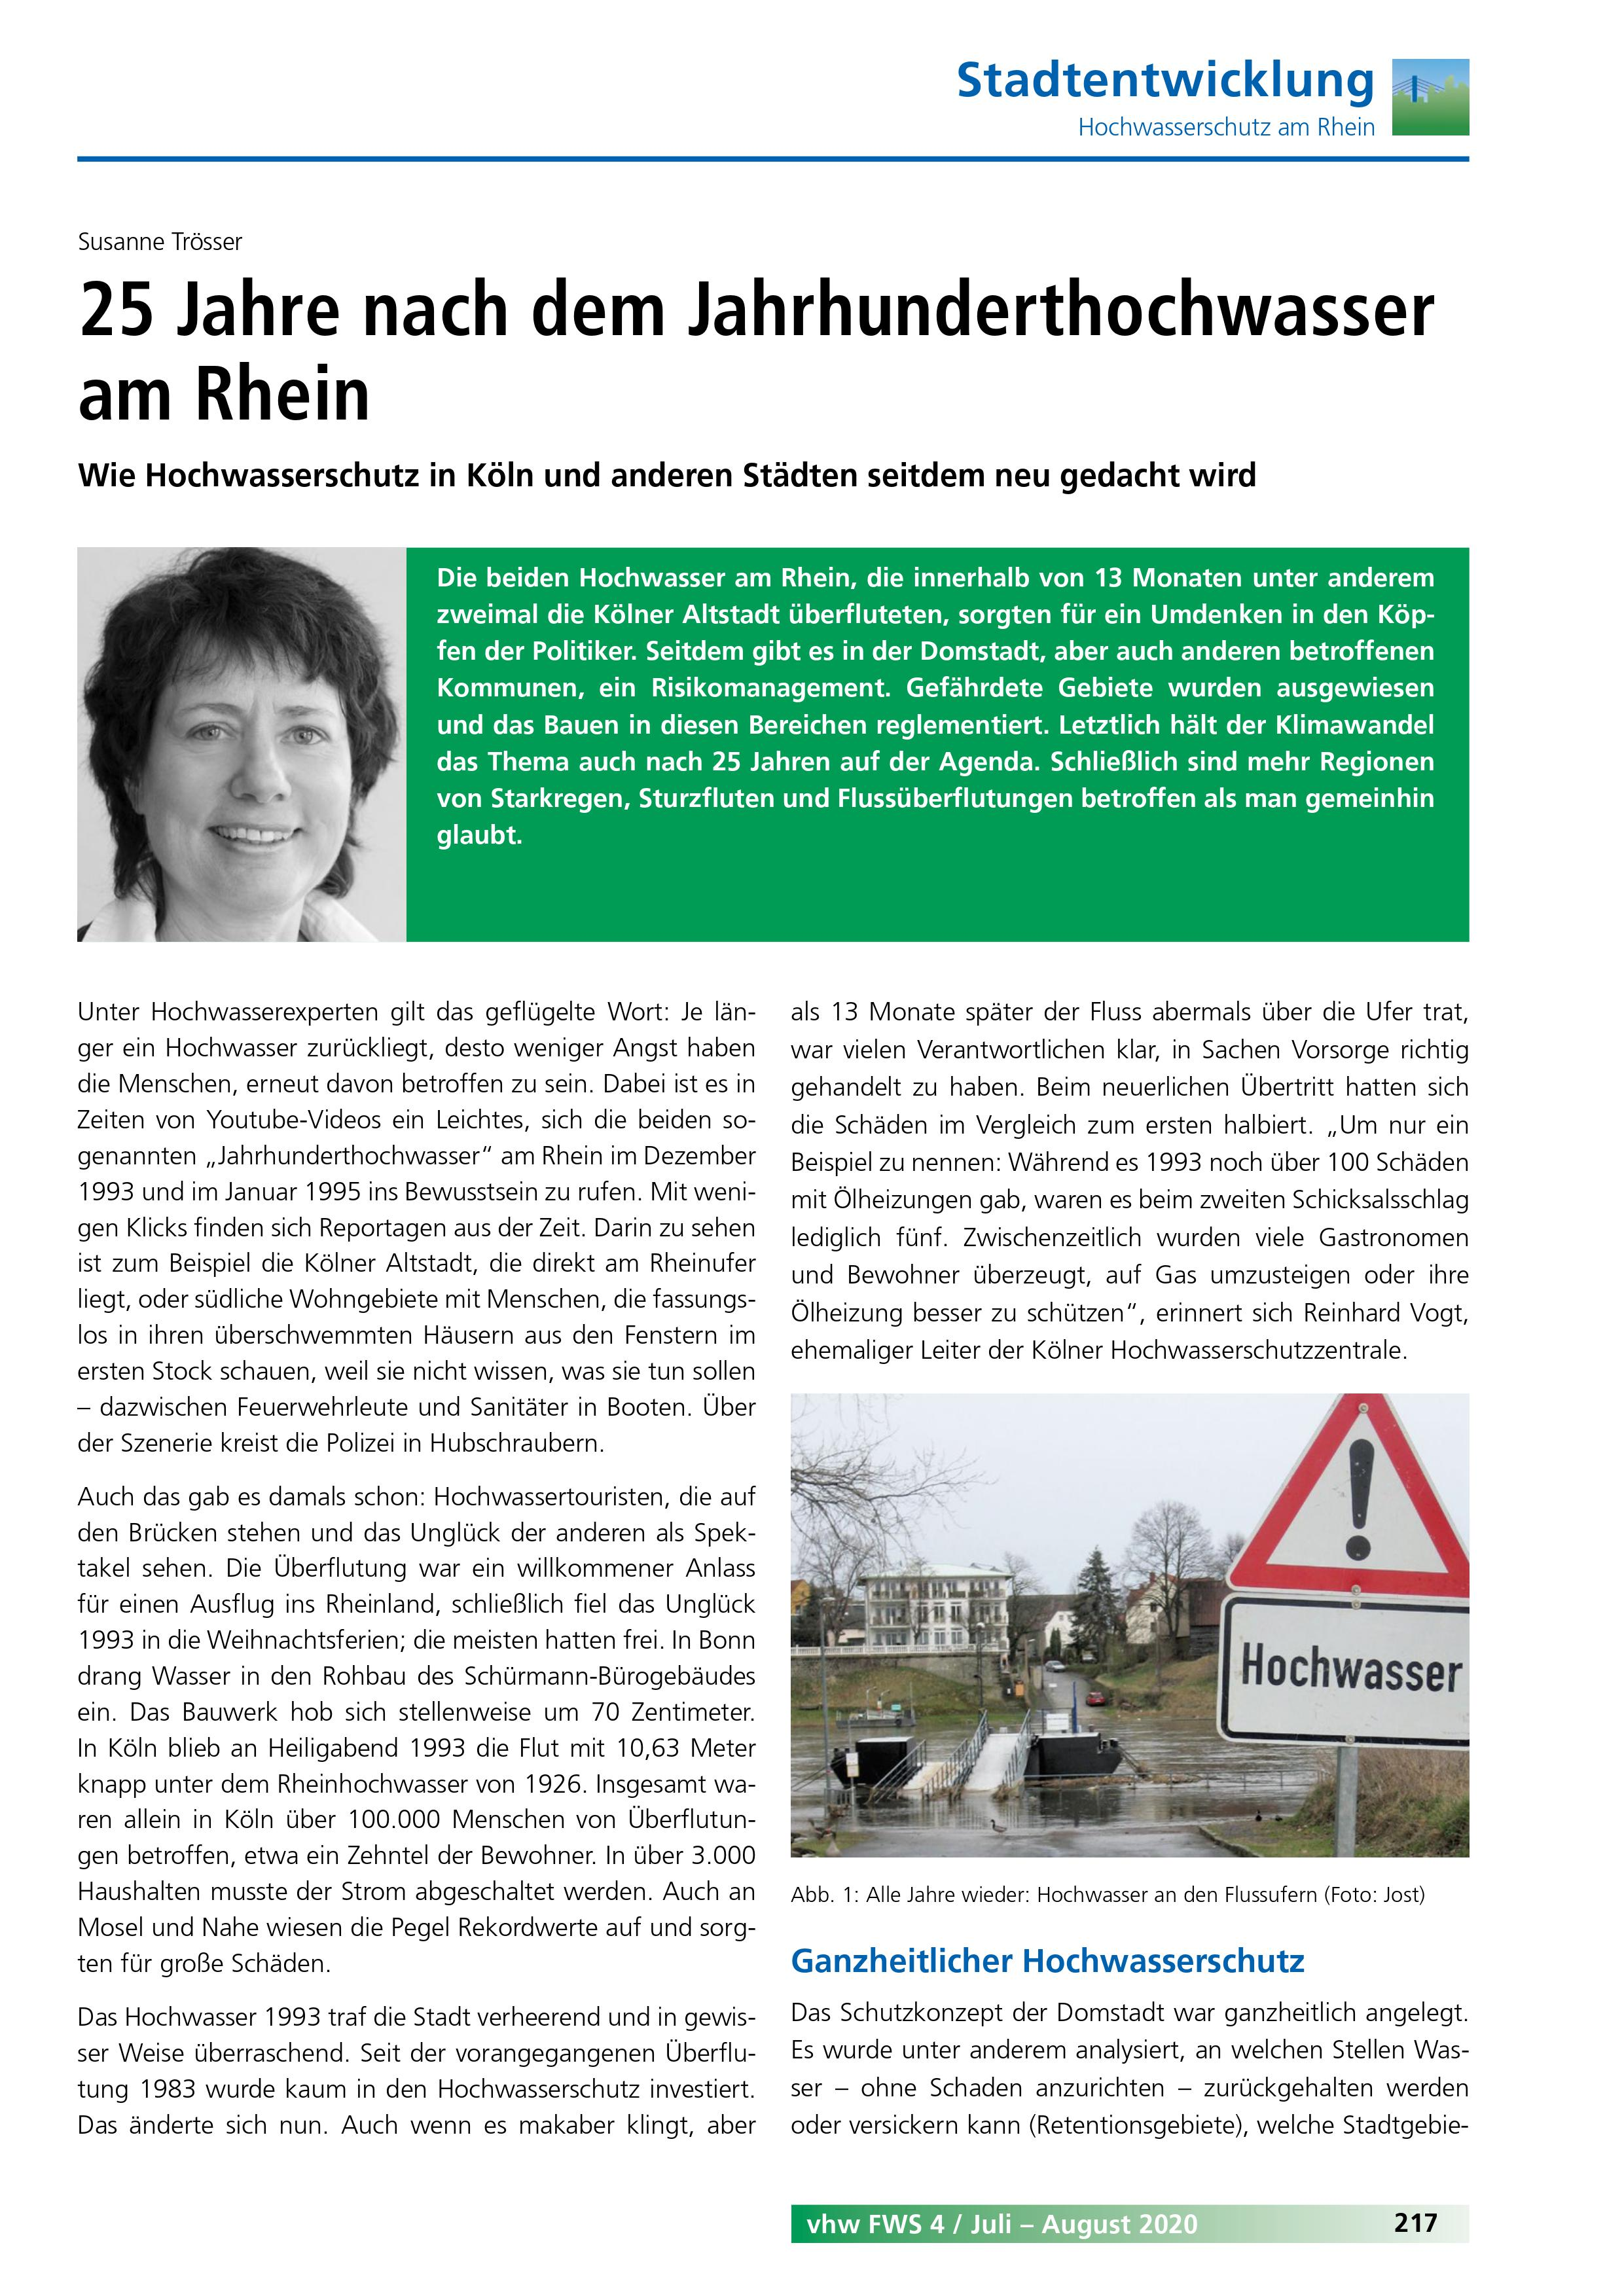 25 Jahre nach dem Jahrhunderthochwasser am Rhein